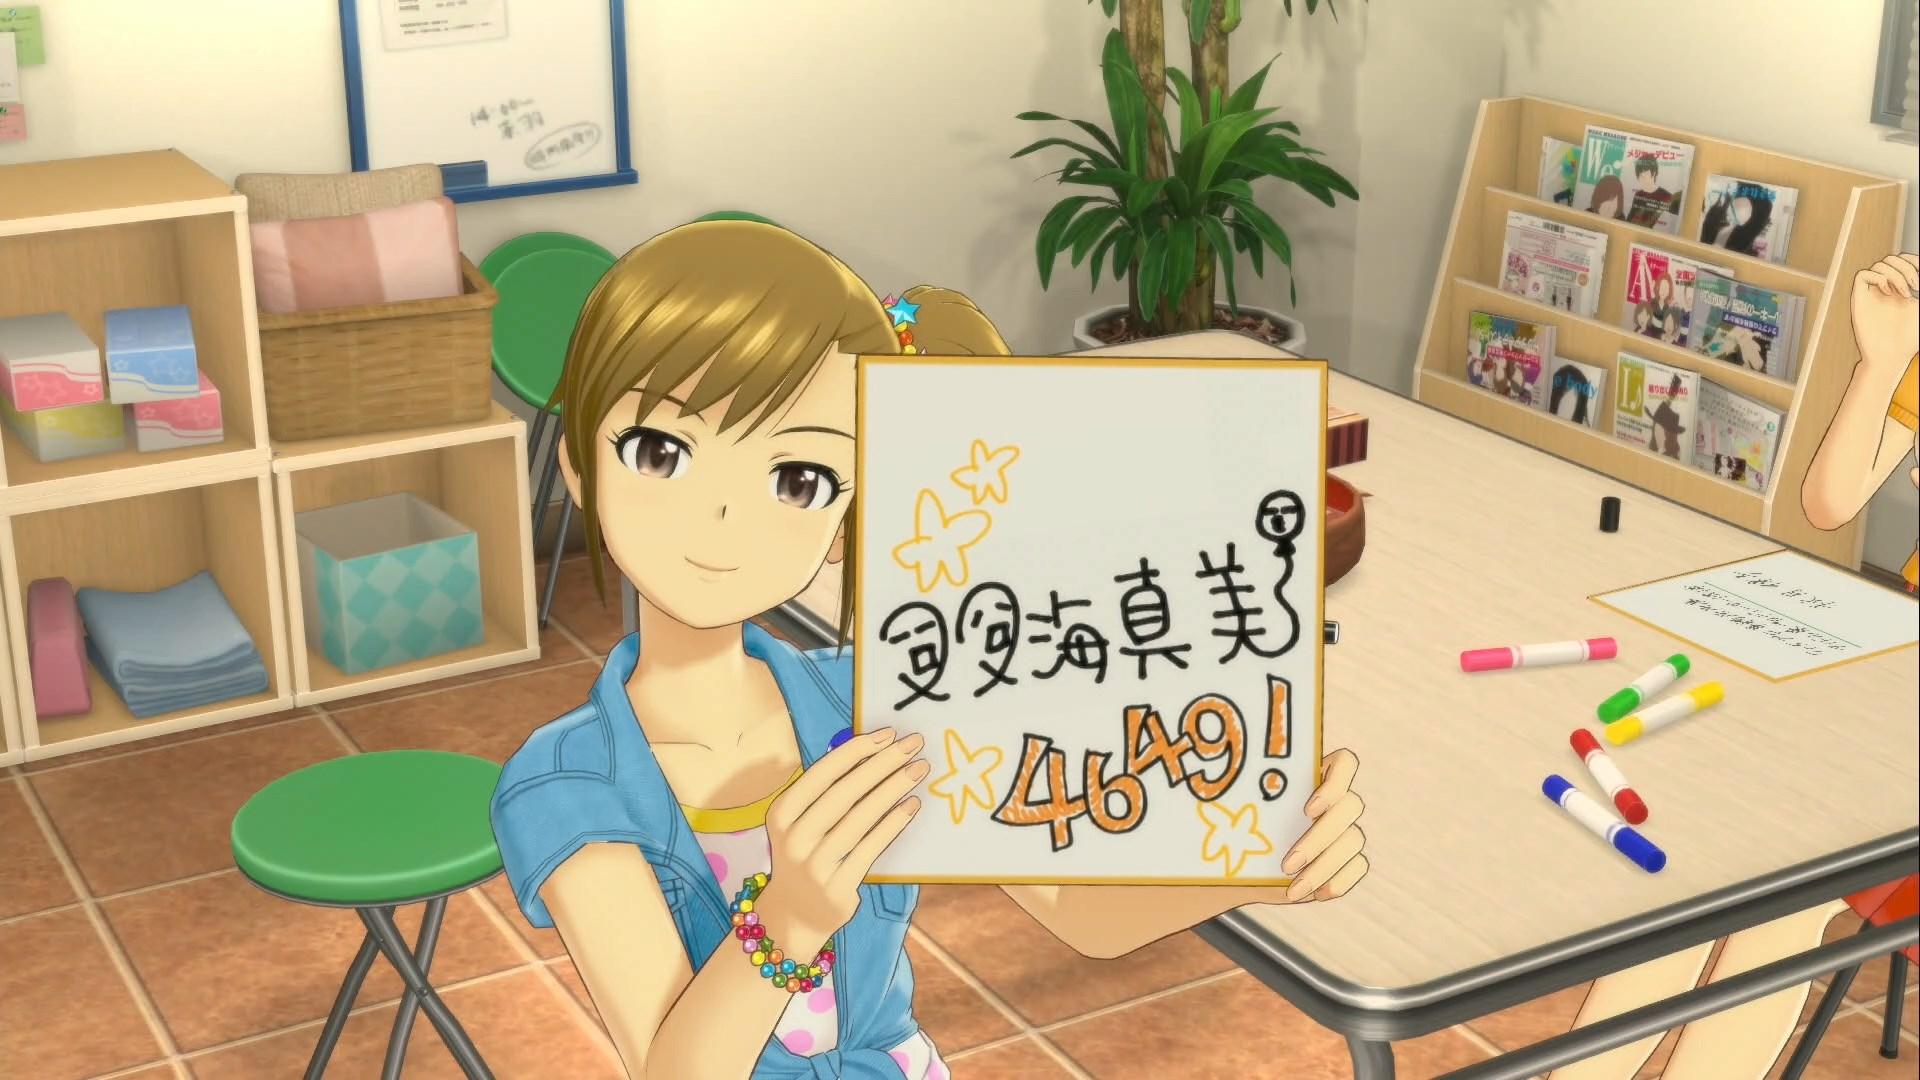 lMEssXJ0Utk7P - 【画像】 これが 「PS4 アイドルマスター 最新作」 らしいぞ このシリーズはどこの誰が何のために買ってるんだ?